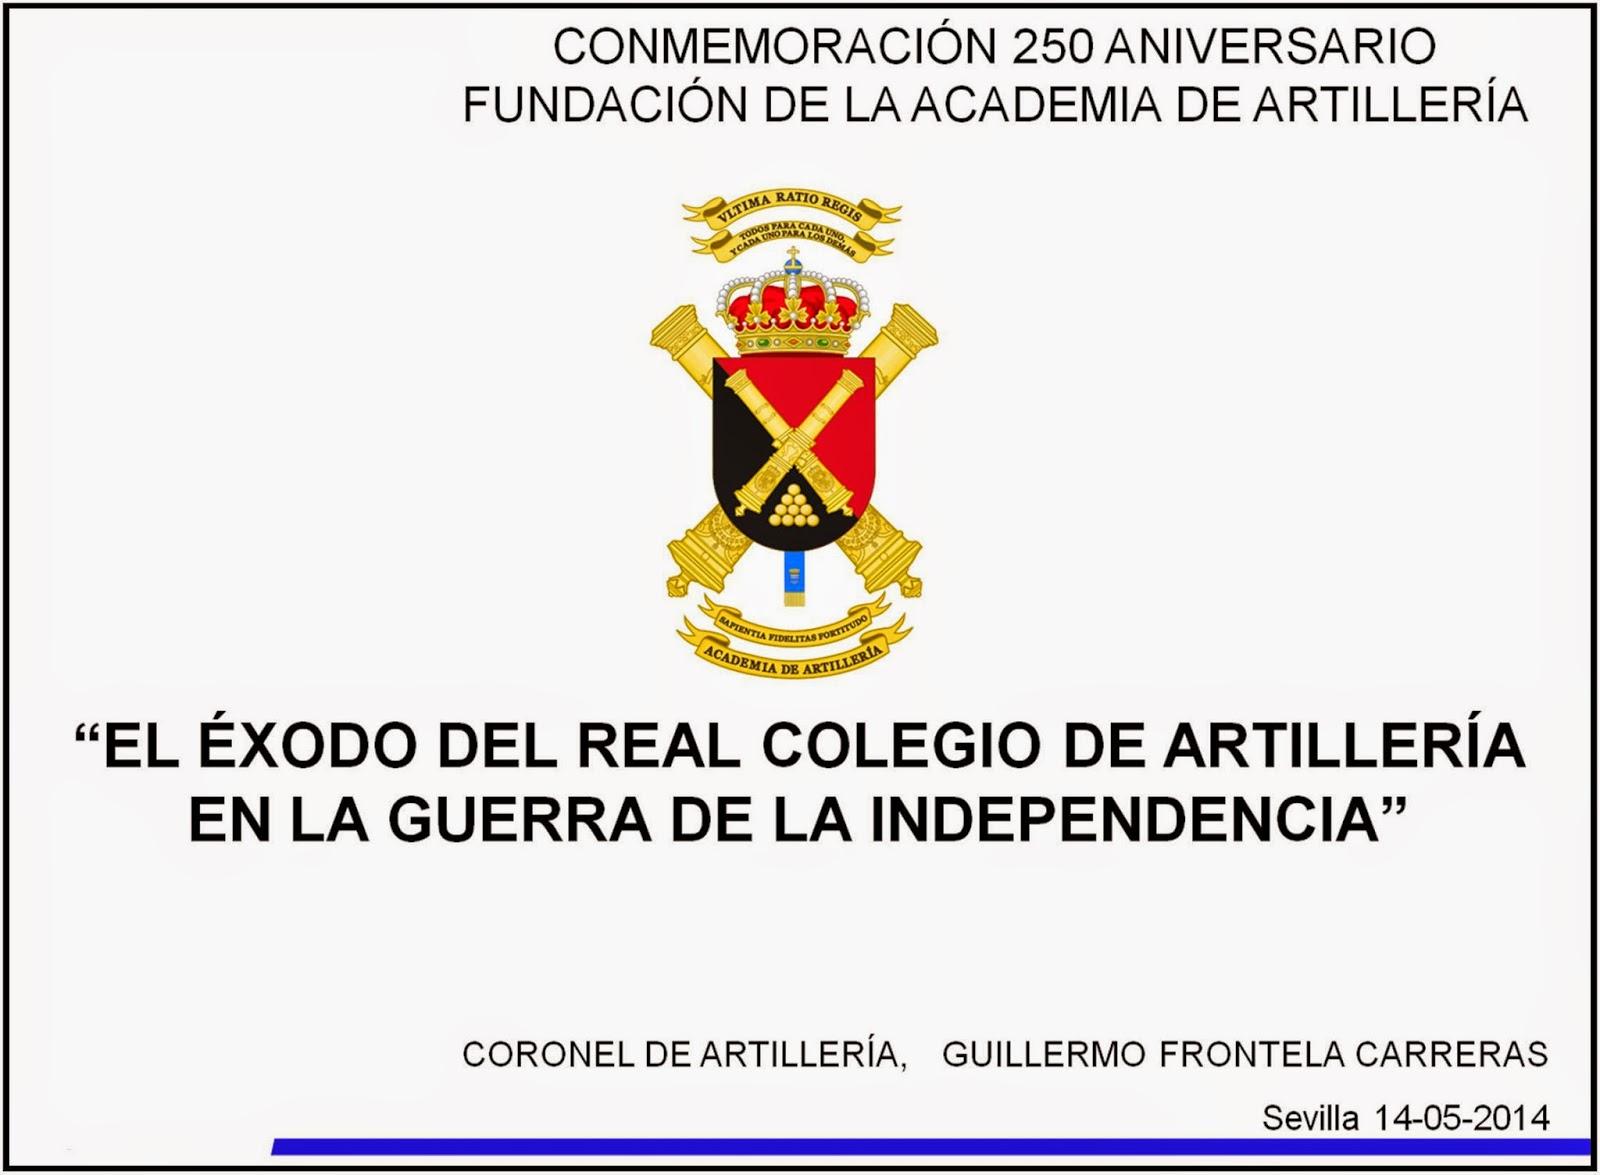 Publicaciones Guillermo Frontela: CONMEMORACIÓN 250 ANIVERSARIO ...